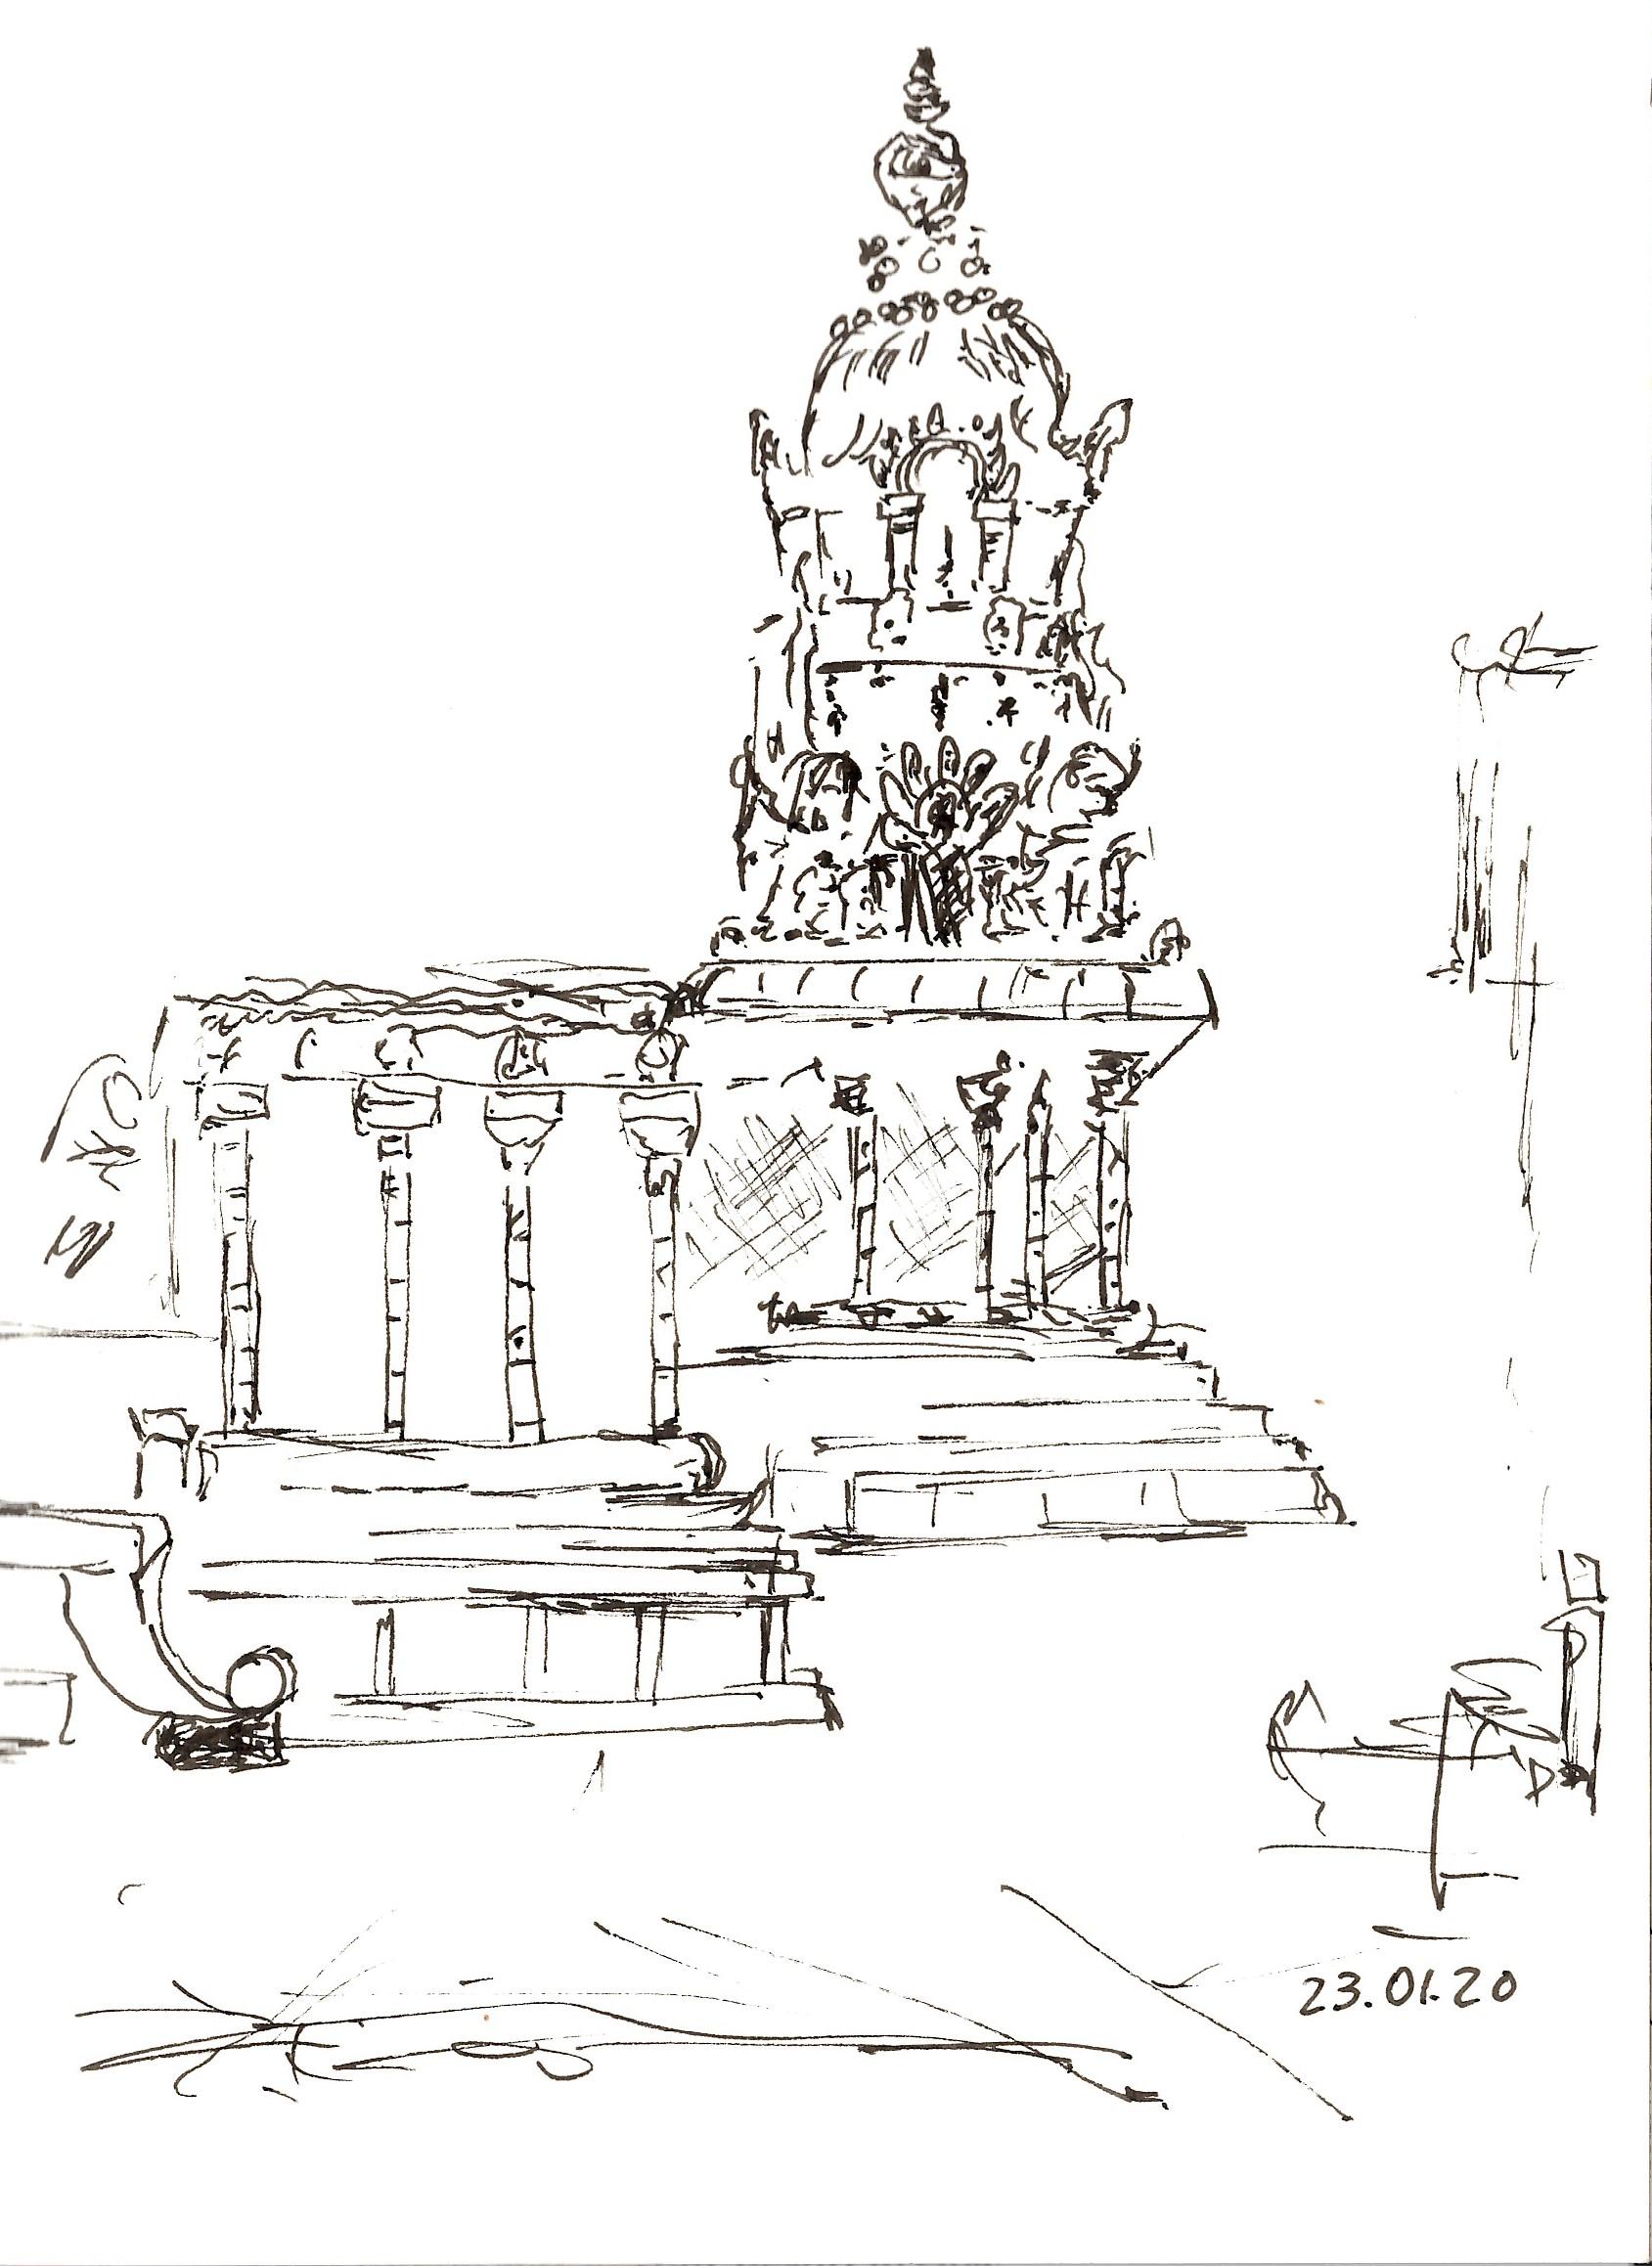 Indien, 2020 Airavateshwara Tempel